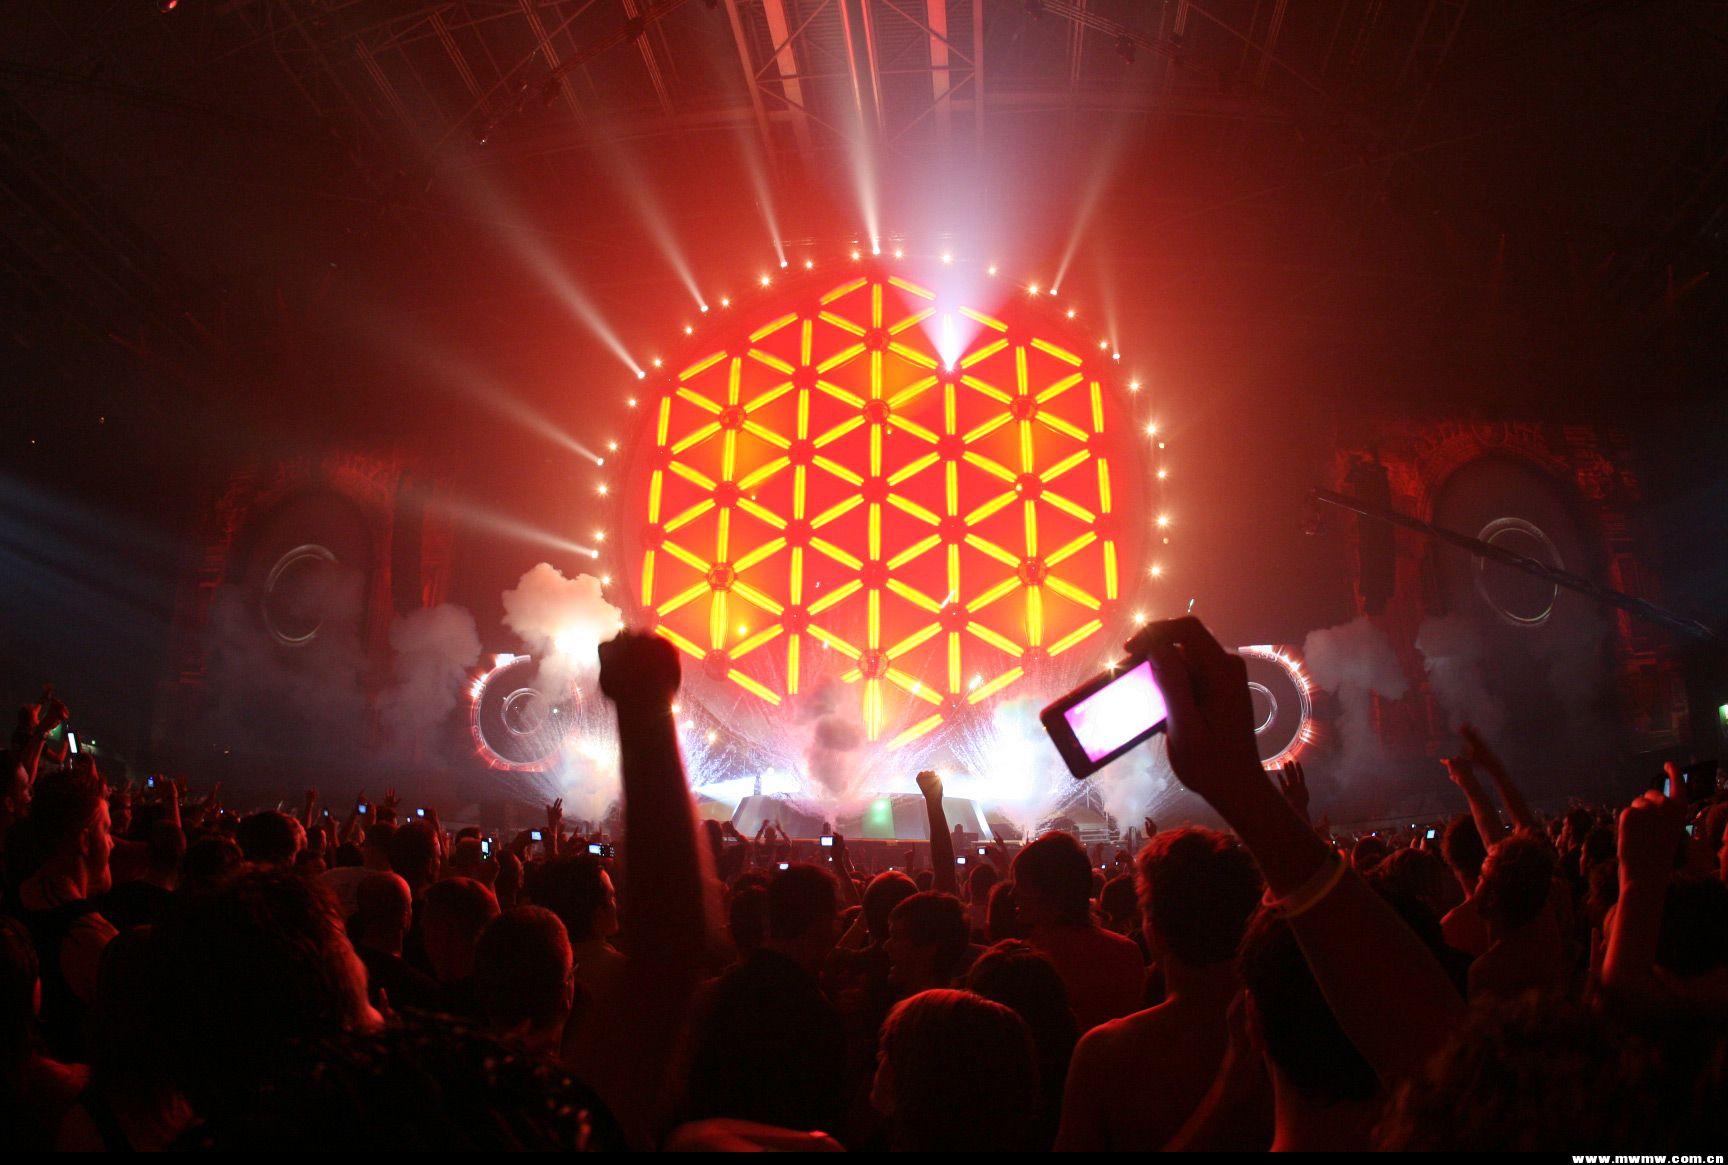 比Pink Floyd的演唱会还经典的舞台效果!!